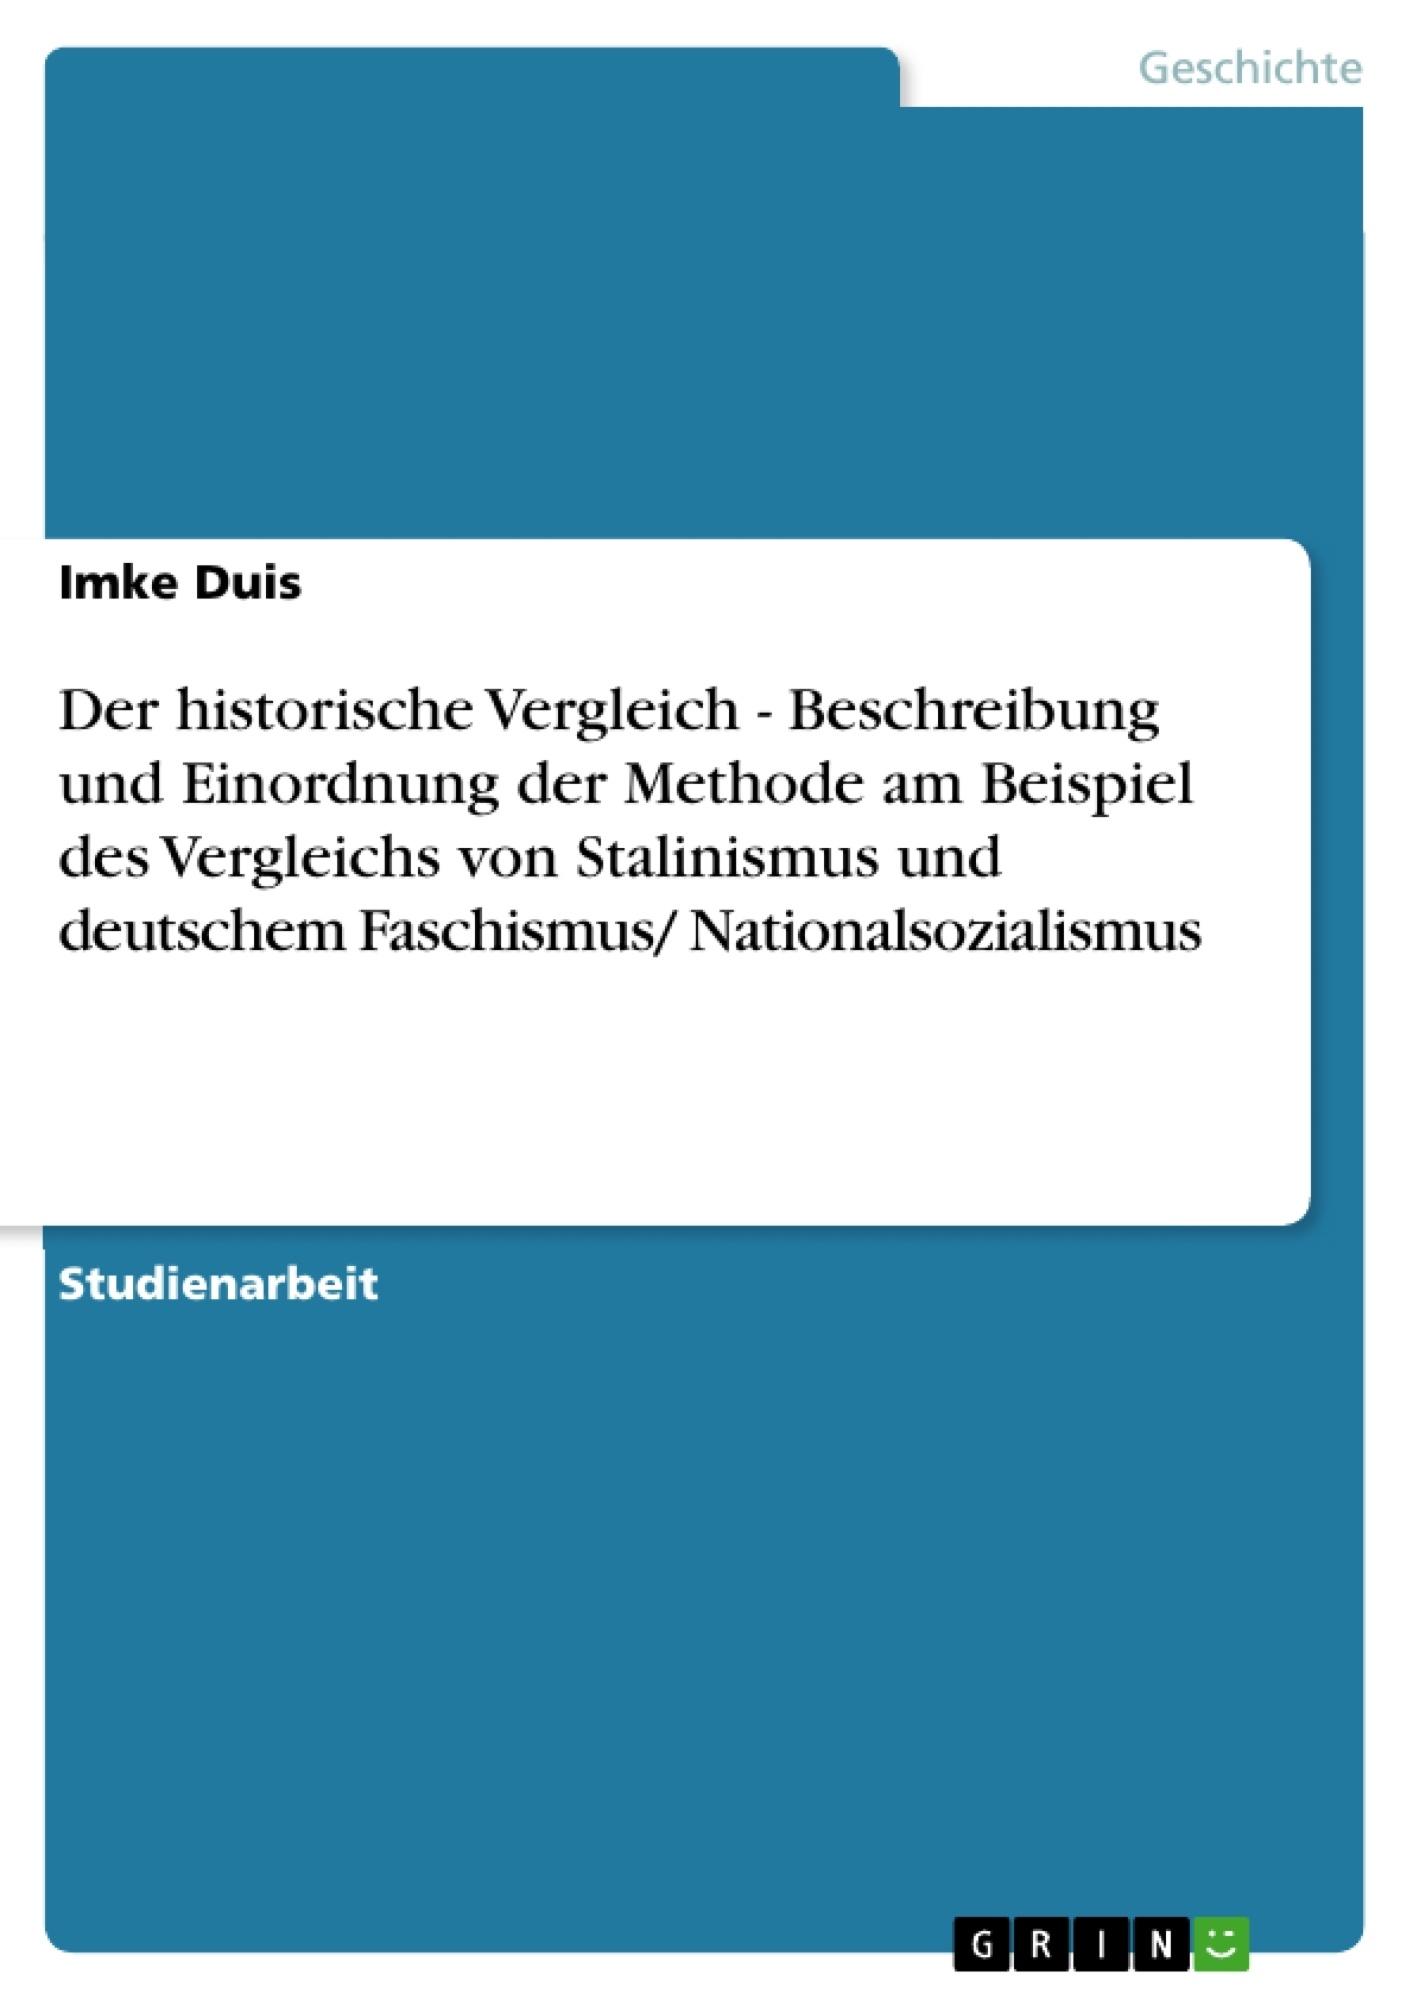 Titel: Der historische Vergleich - Beschreibung und Einordnung der Methode am Beispiel des Vergleichs von Stalinismus und deutschem Faschismus/ Nationalsozialismus